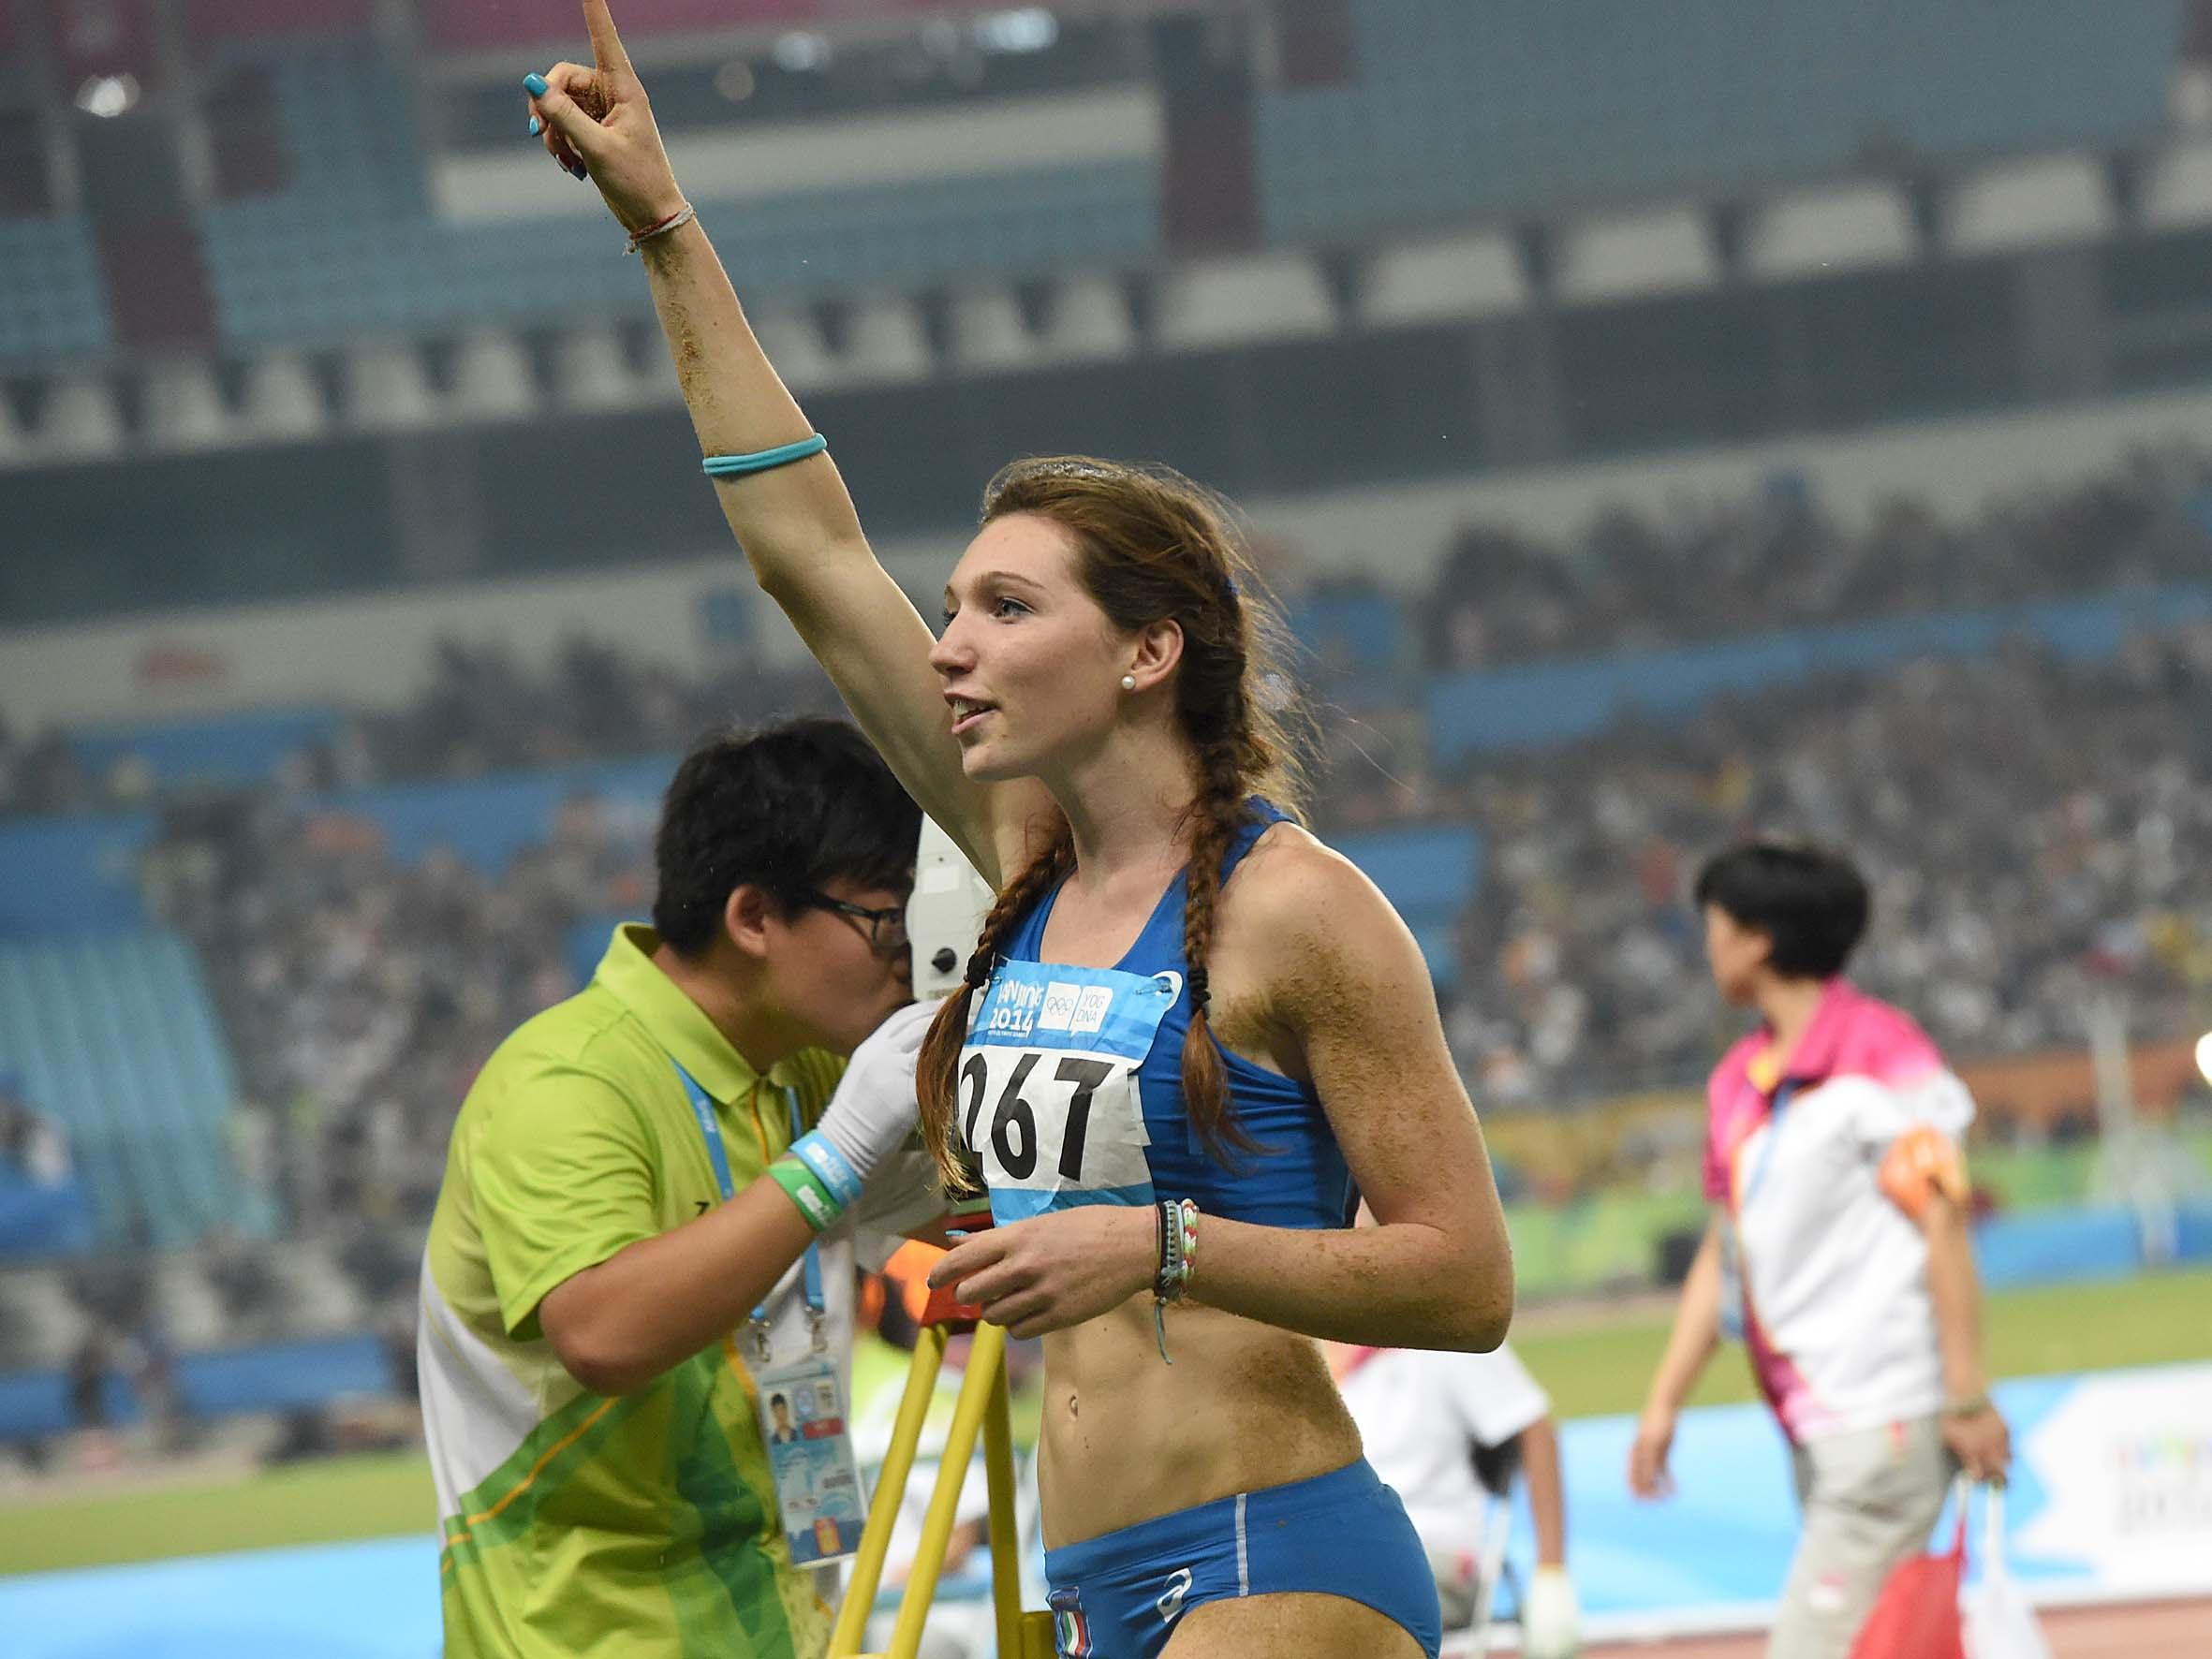 Atletica Femminile 14